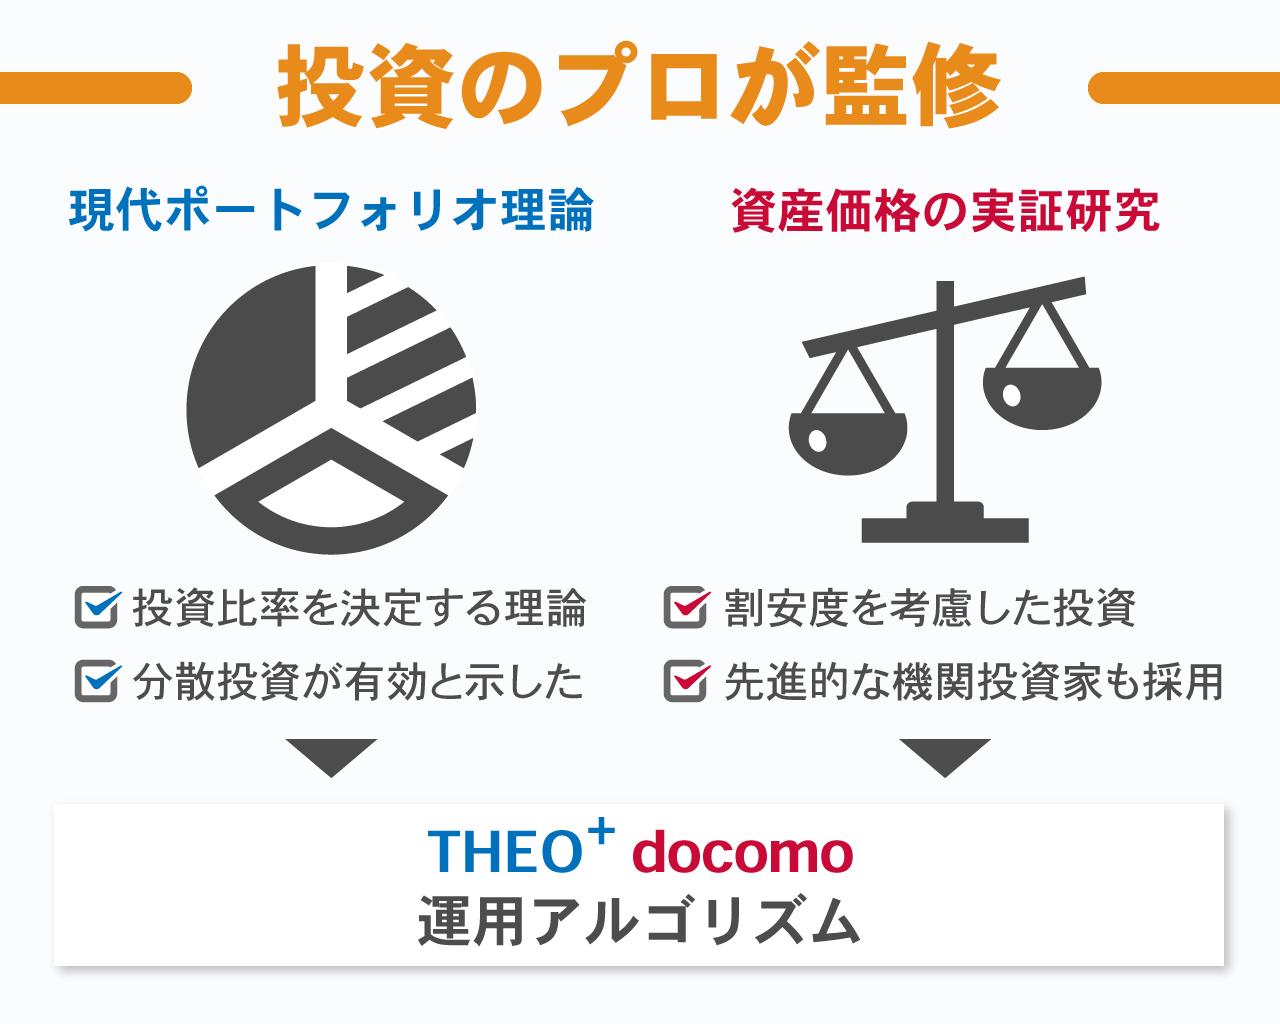 THEO+docomoのメリット③投資のプロが監修